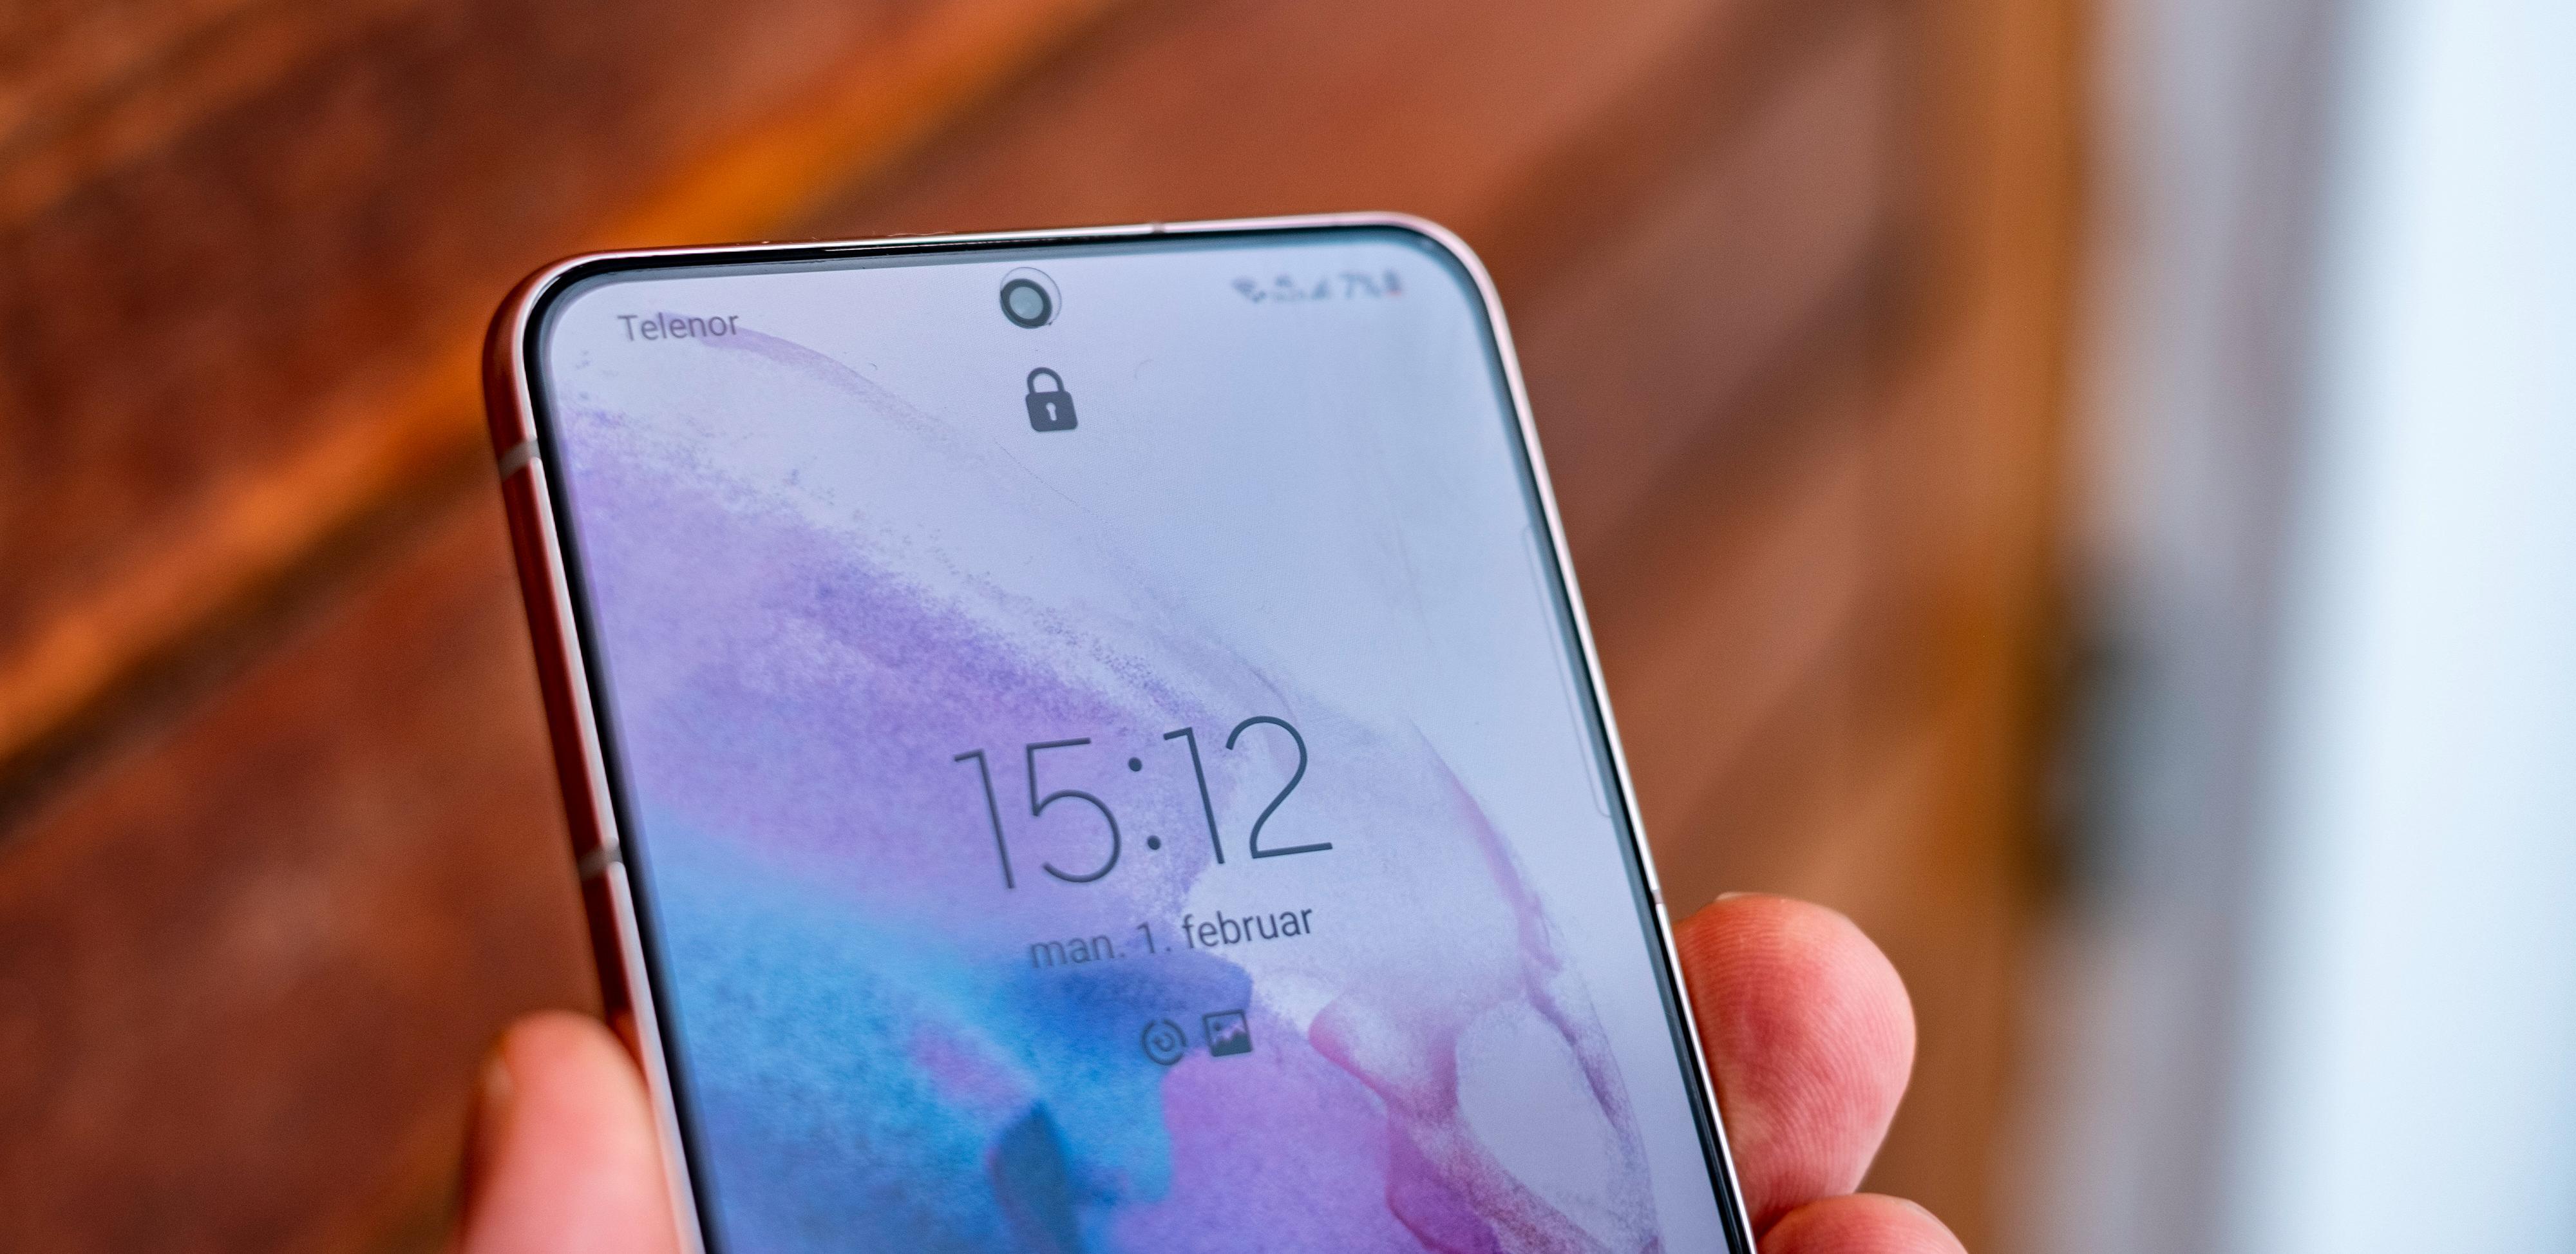 Samsung Galaxy S21 er en meget god mobil, men etter en fersk oppdatering tappes batteriet ekstra fort for strøm.